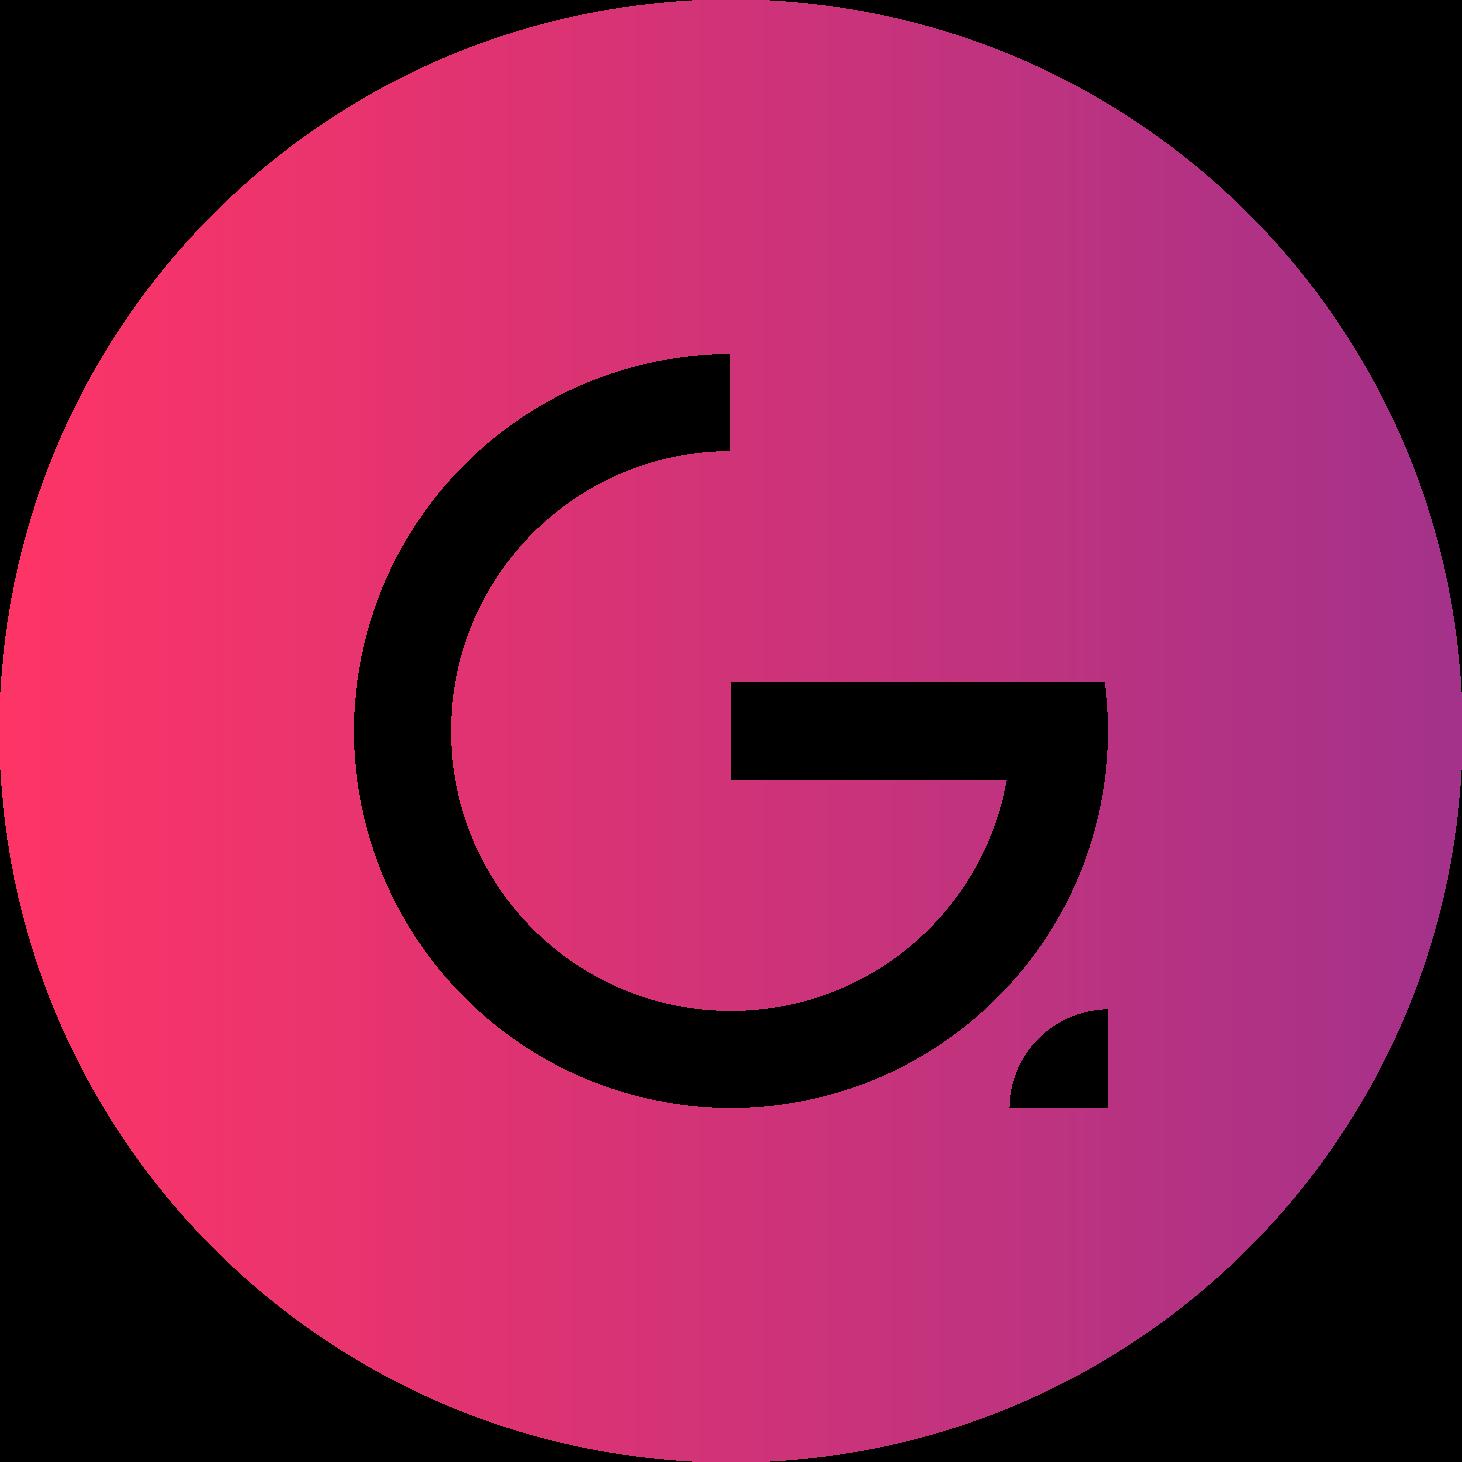 gillde.com